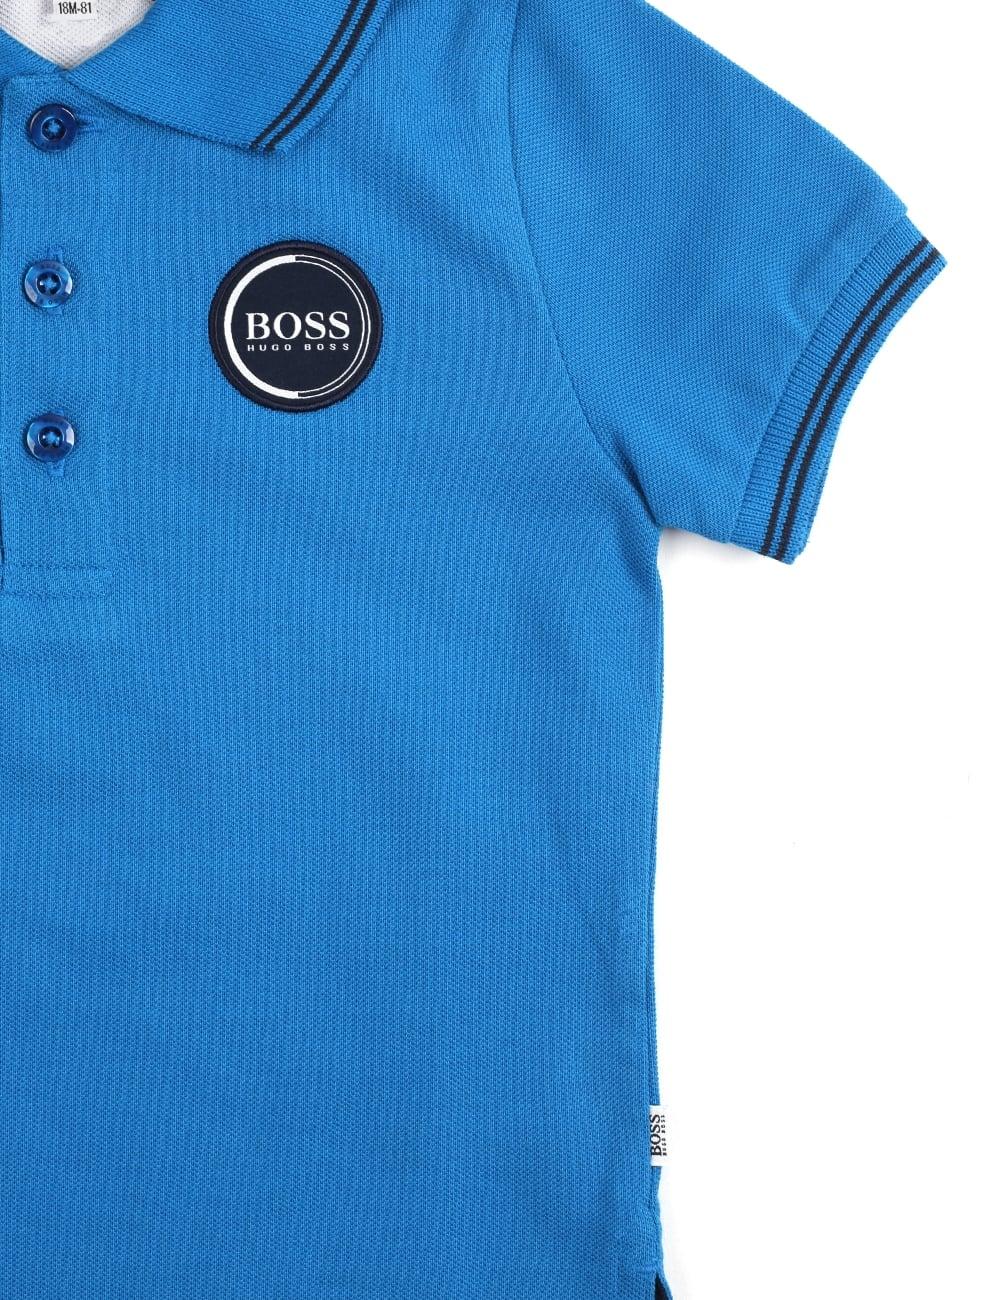 6b370a0f3801 Hugo Boss Baby Boys Short Sleeve Polo Top